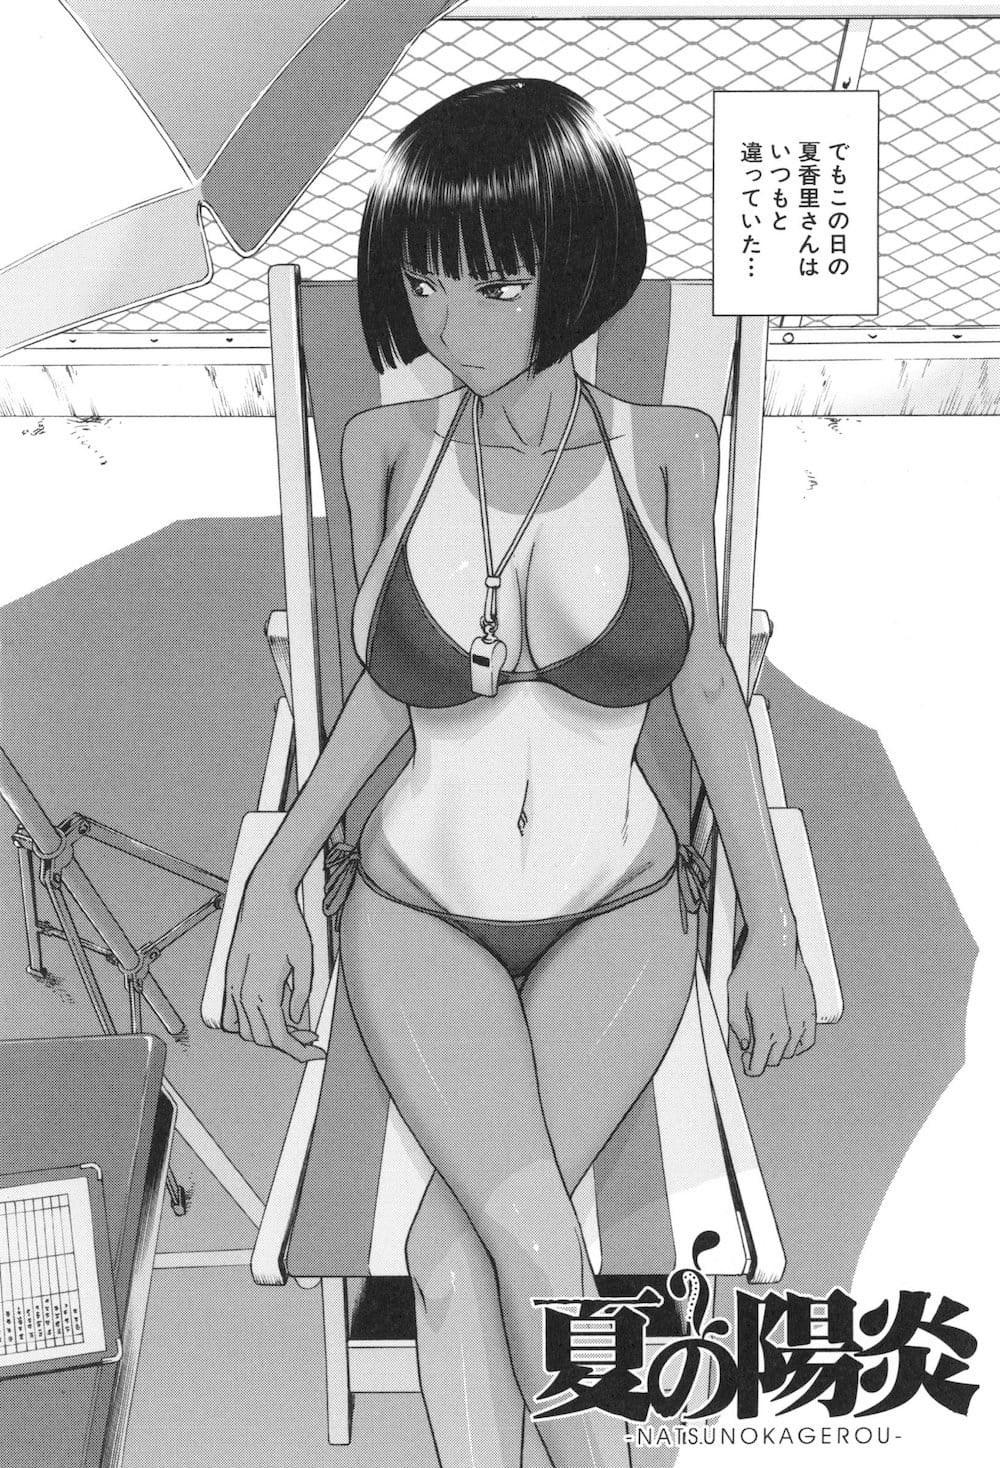 【エロ漫画・同人誌】厳しい監視員の女性が目当てで屋外プールに通っていたが先週までとは違う雰囲気の女性、そして夕立に降られてしまったので上がるまで二人でセックスする!